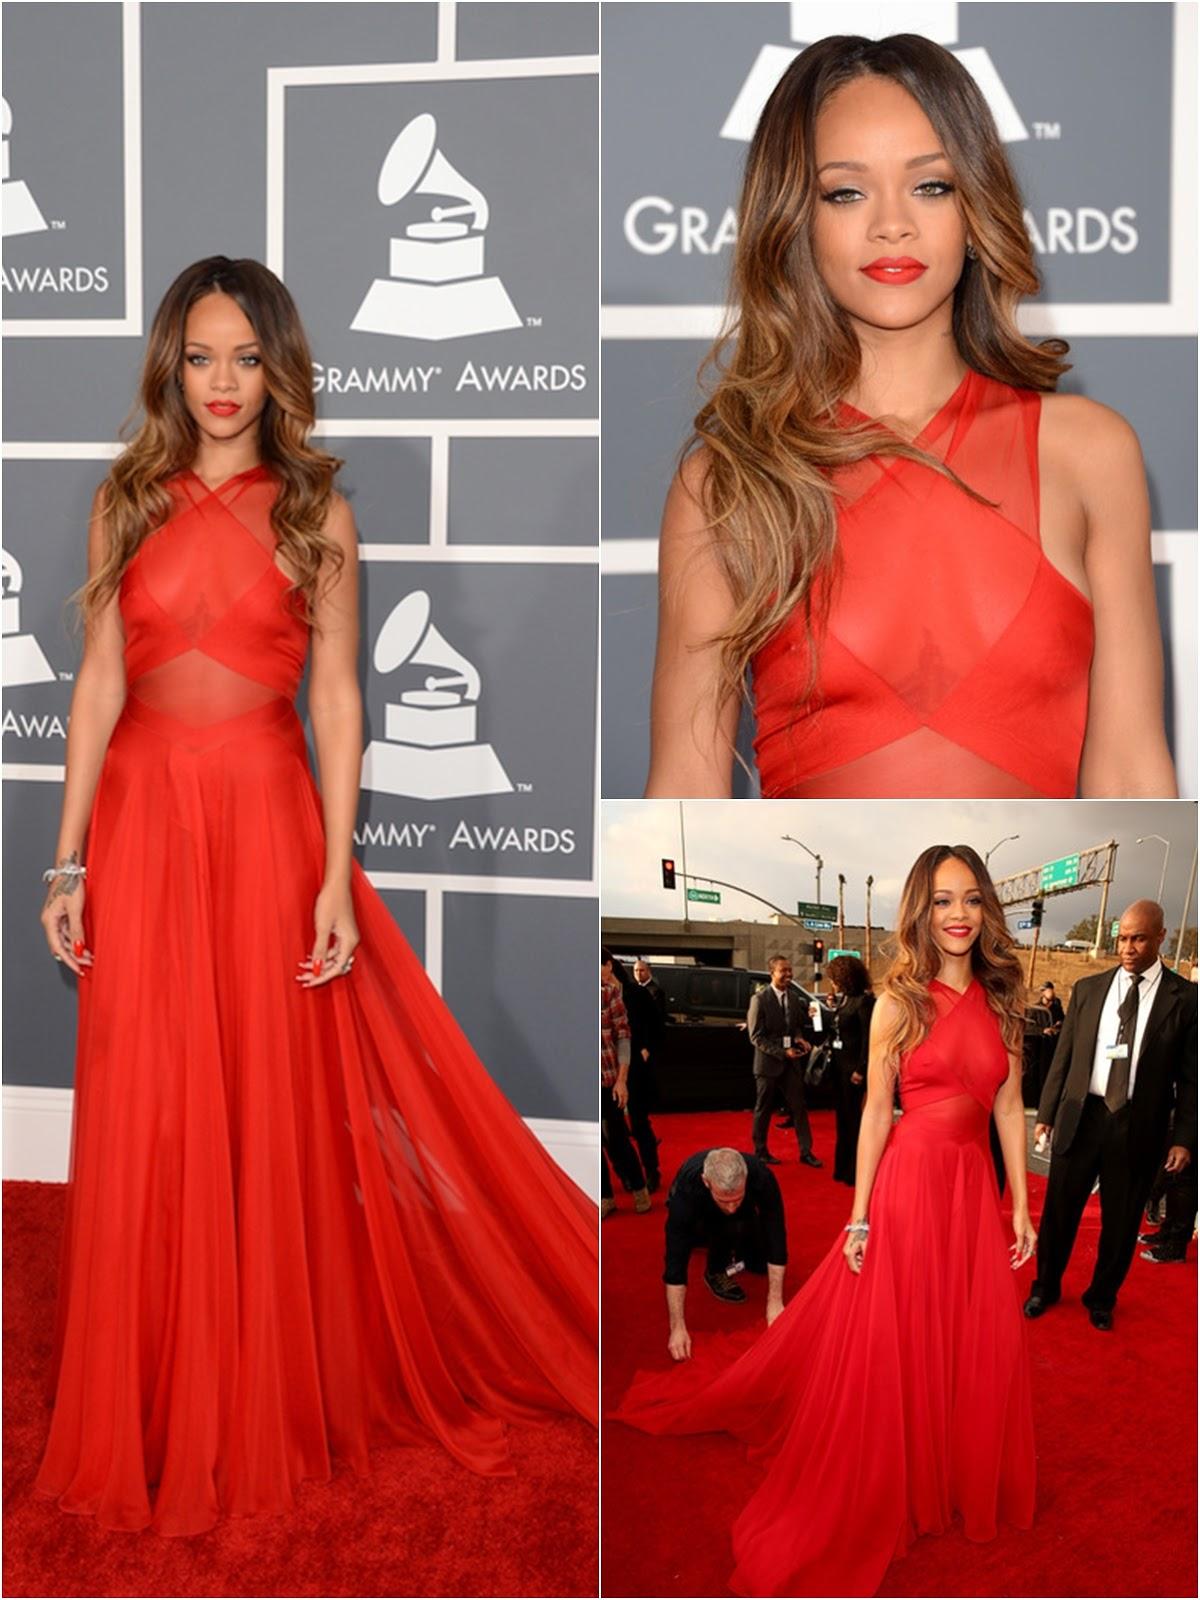 Dama de vermelho - 1 6